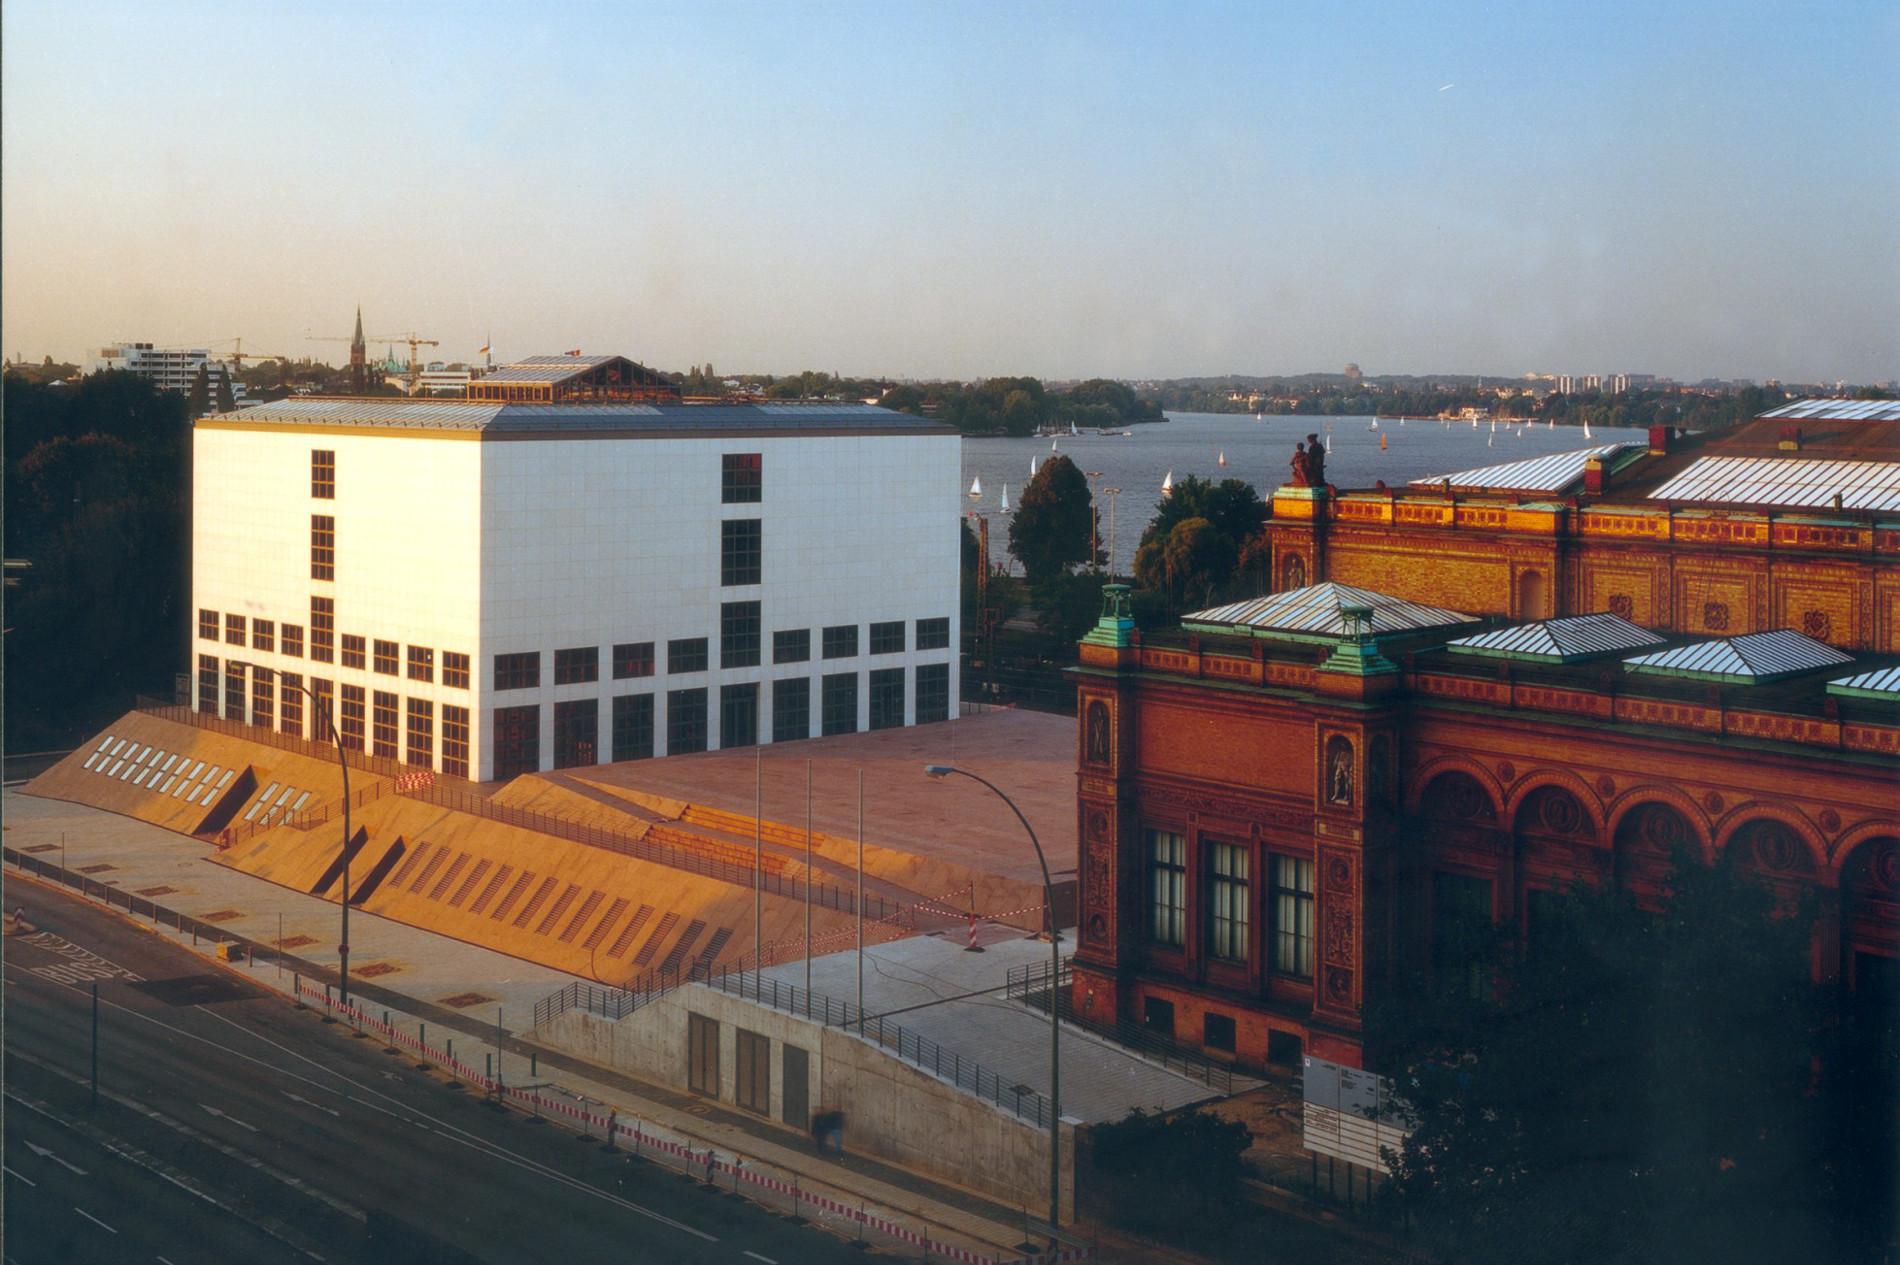 Bild: Blick auf Galerie der Gegenwart und Gründungsbau